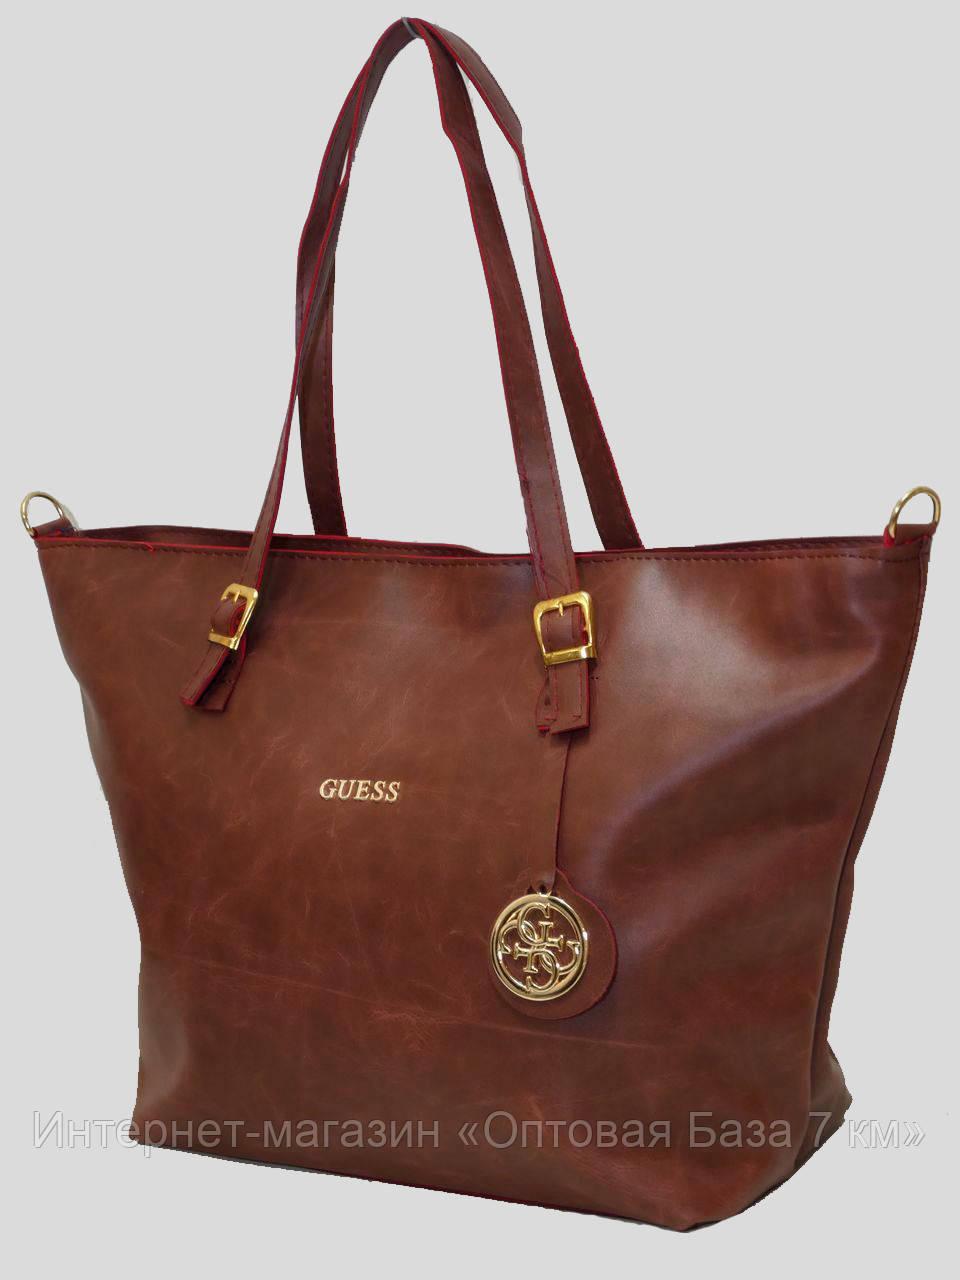 8ea7618d1c51 Женская сумка